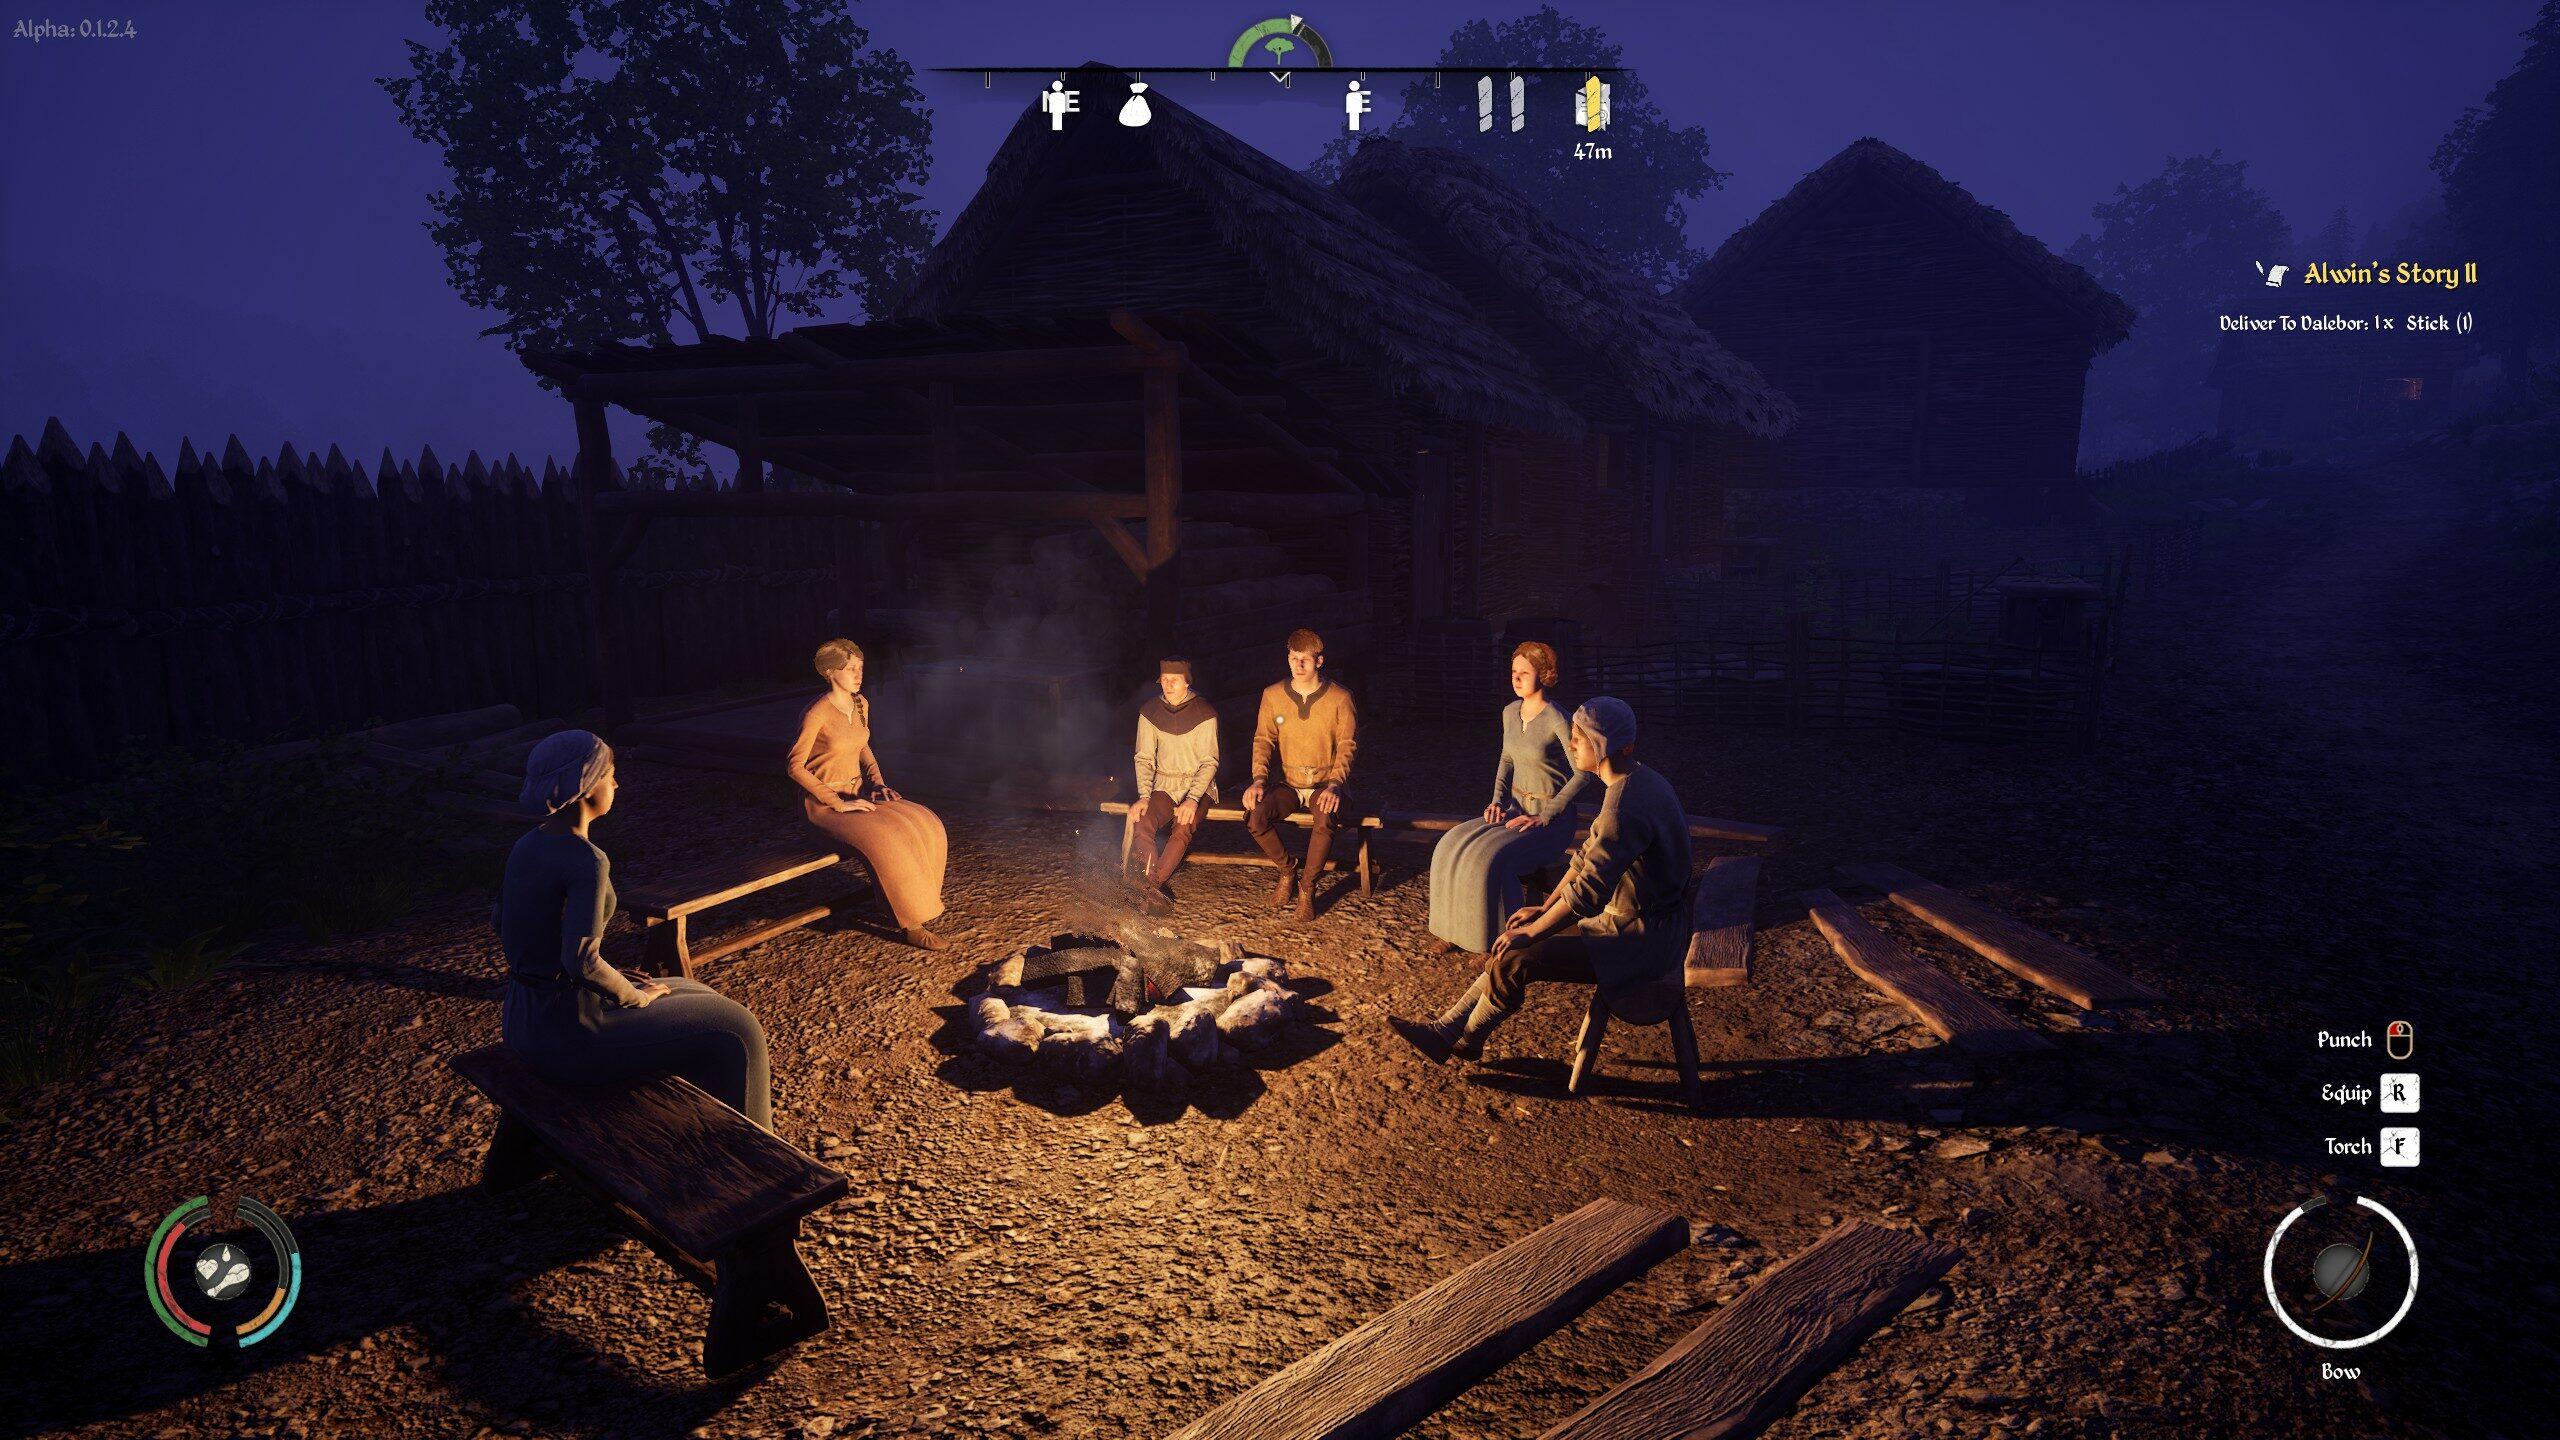 C'était ça, une «pure soirée entre potes» au Moyen-Âge. Pas de téléphone portable, pas de musique «lounge» en fond sonore, et un demi-bol de cidre maximum par personne. Ils avaient tout compris. À quel moment notre civilisation a-t-elle dérapé ?